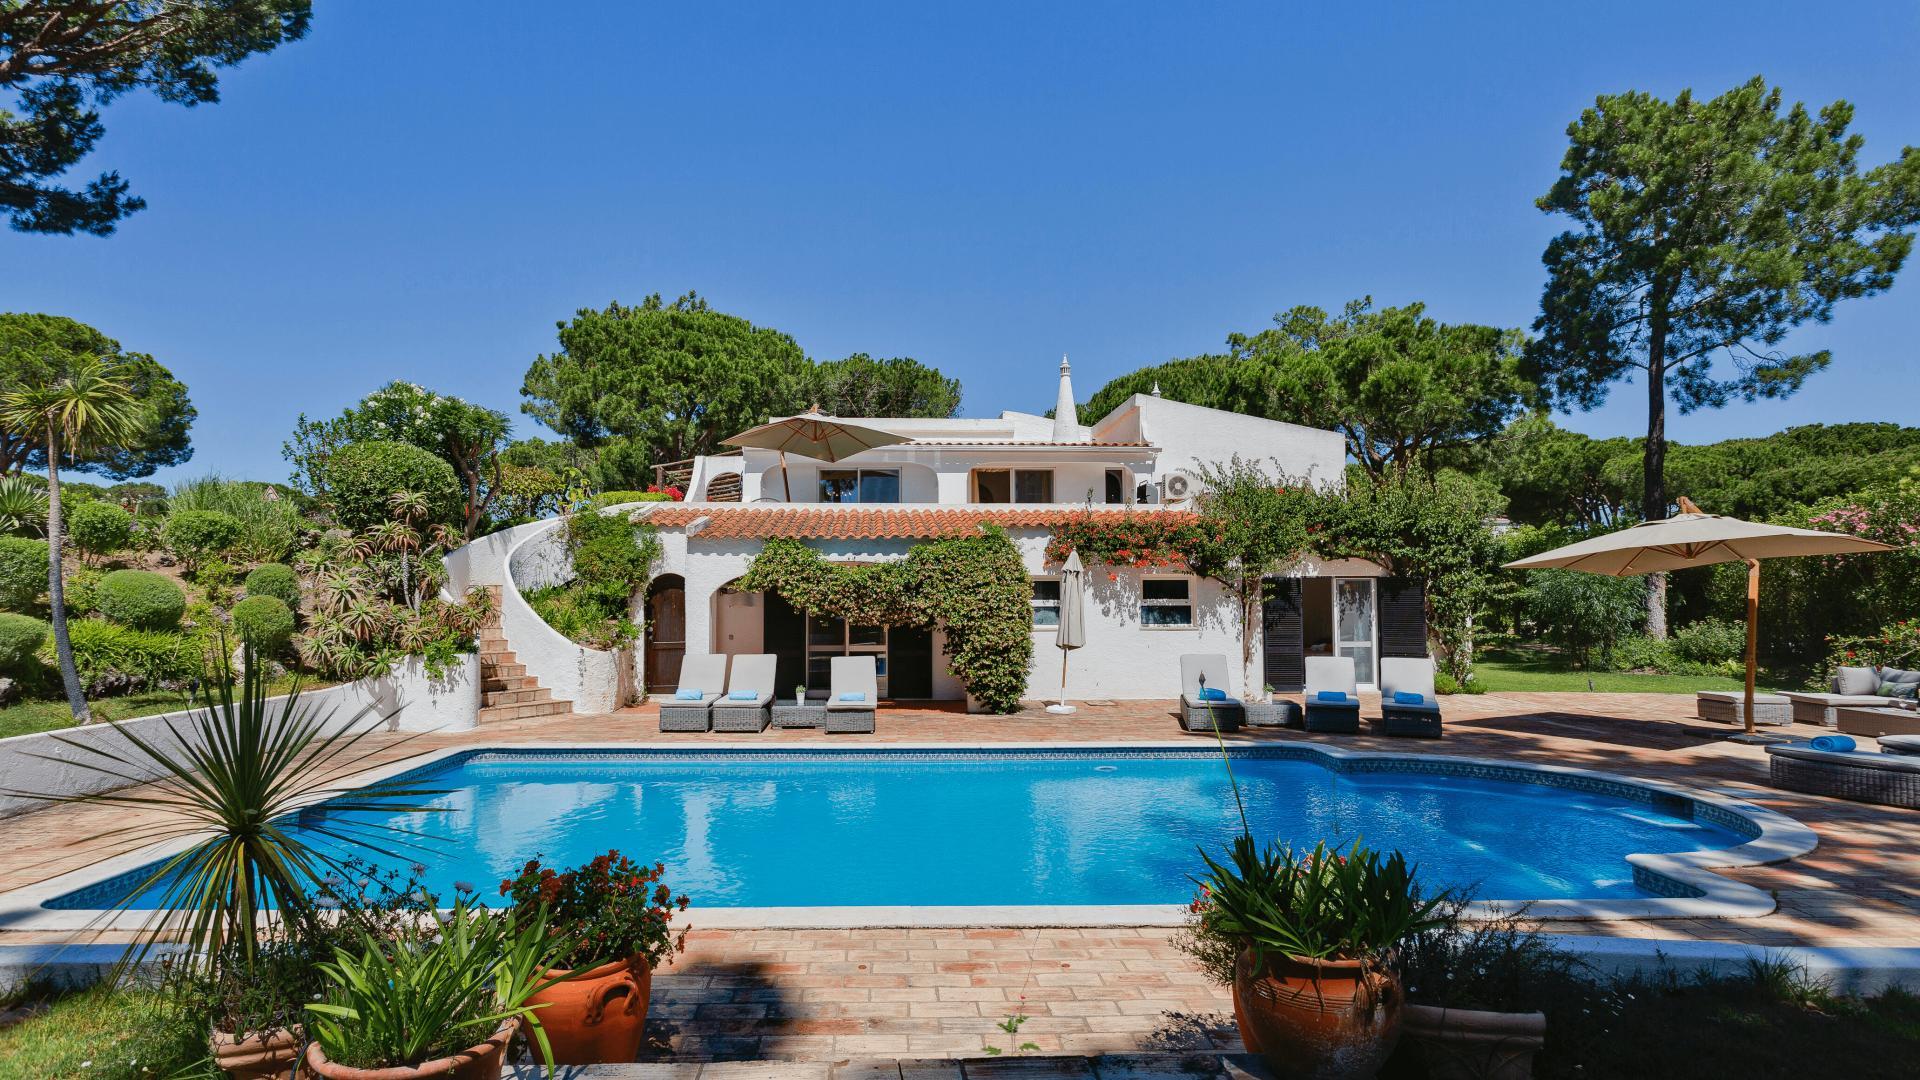 Casa Feliz - Quinta do Lago, Algarve - Casa_Feliz_Poolside_1.png